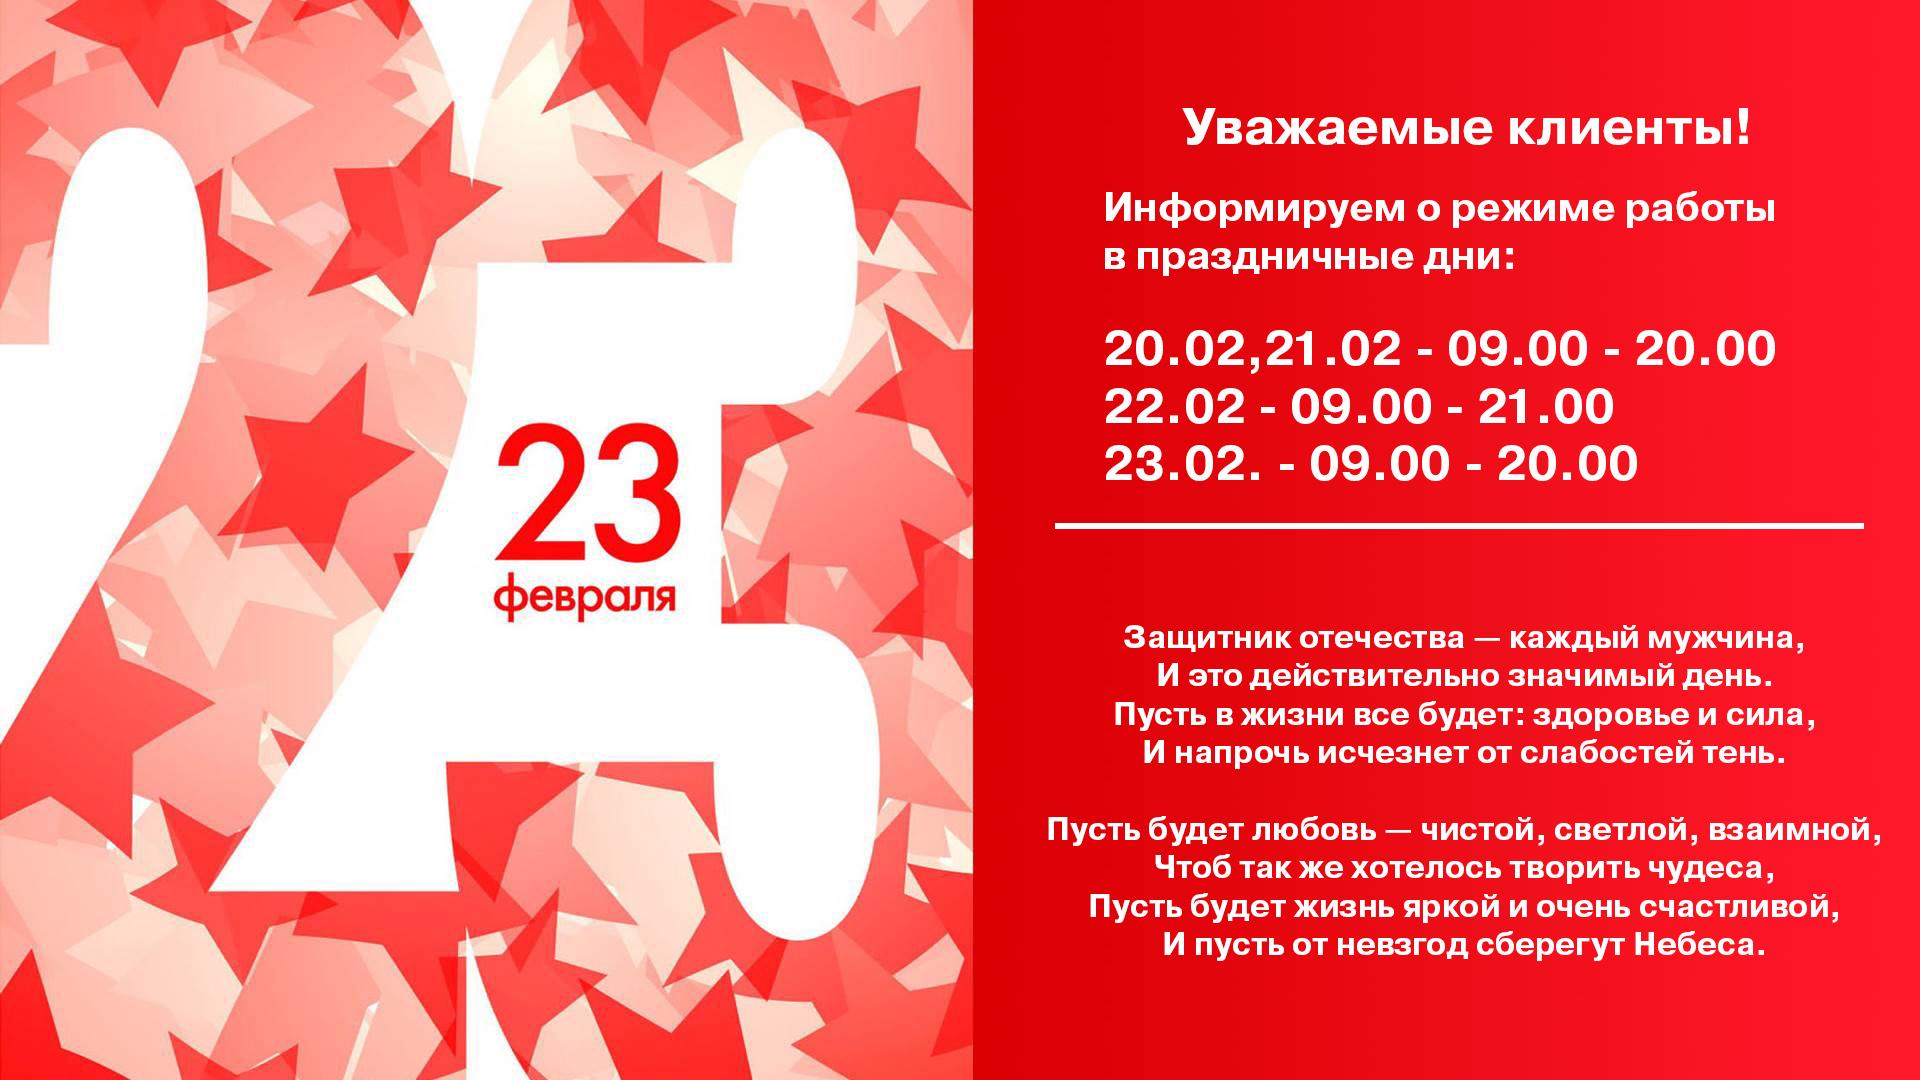 Режим работы в праздники - 21-23 февраля